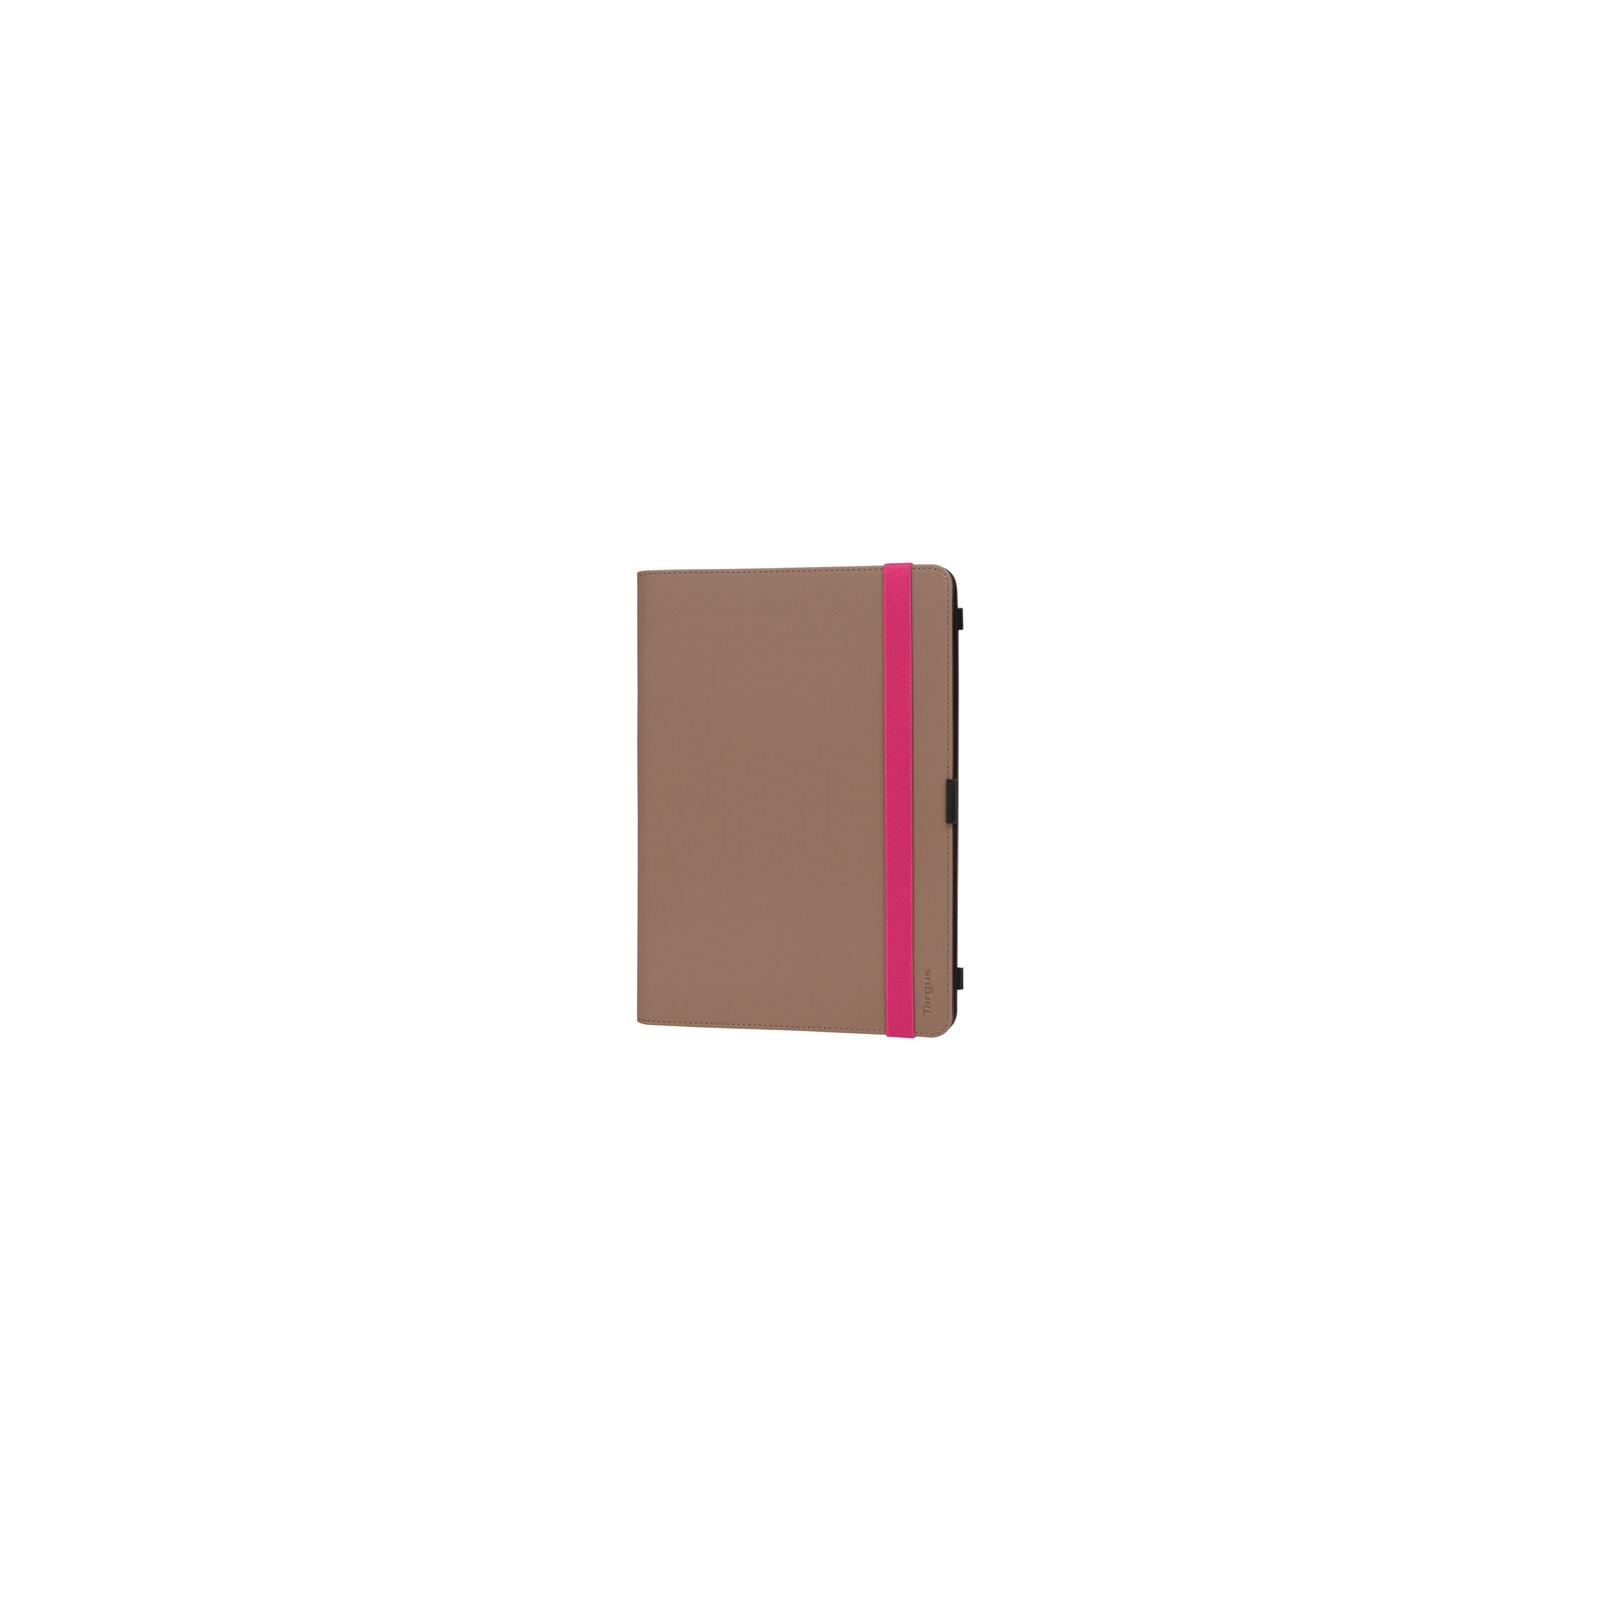 """Чехол для планшета Targus 9-10"""" Universal BEIGE book (THZ33903EU) изображение 4"""